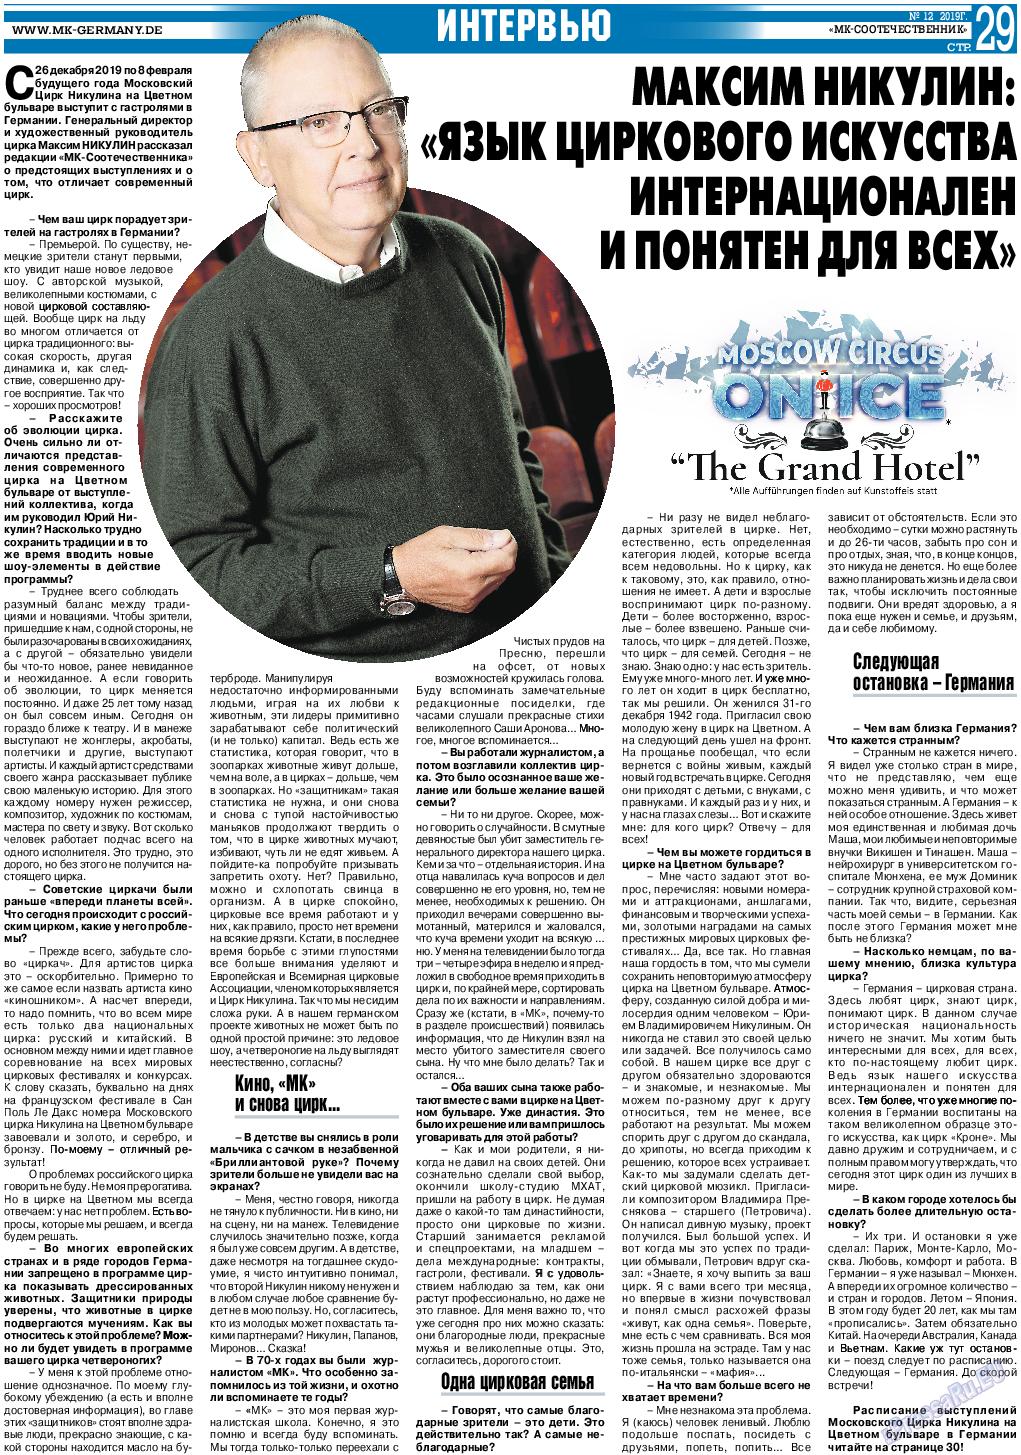 Соотечественник- МК (газета). 2019 год, номер 12, стр. 29